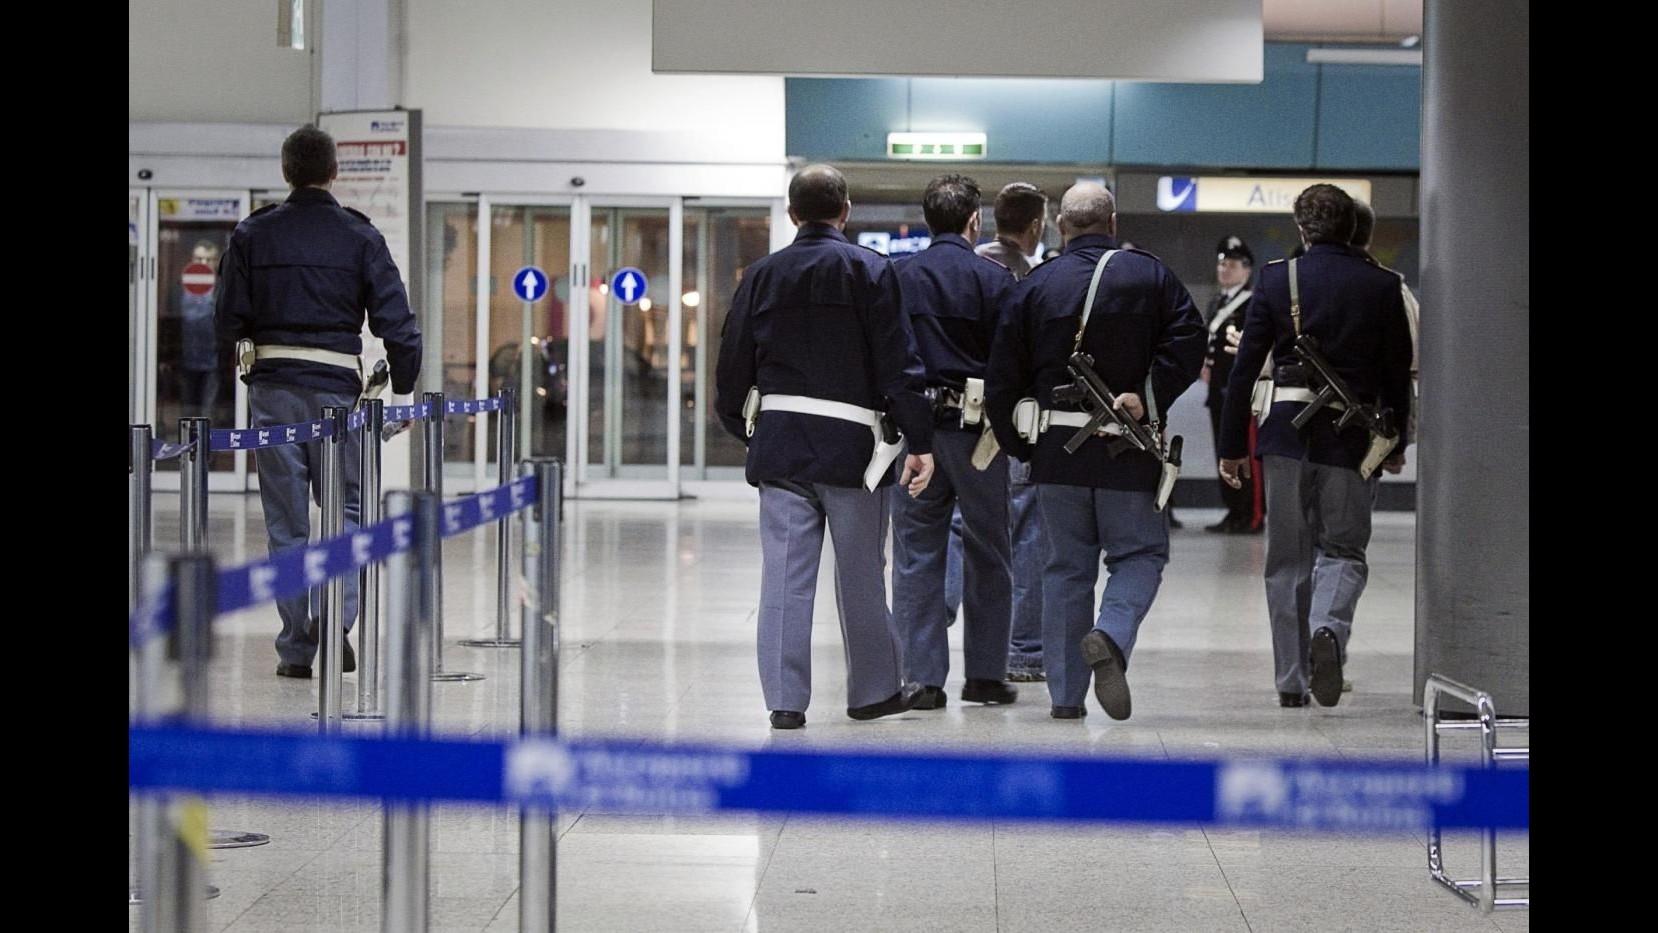 Arrestati 2 siriani a Ciampino: avevano passaporti falsi